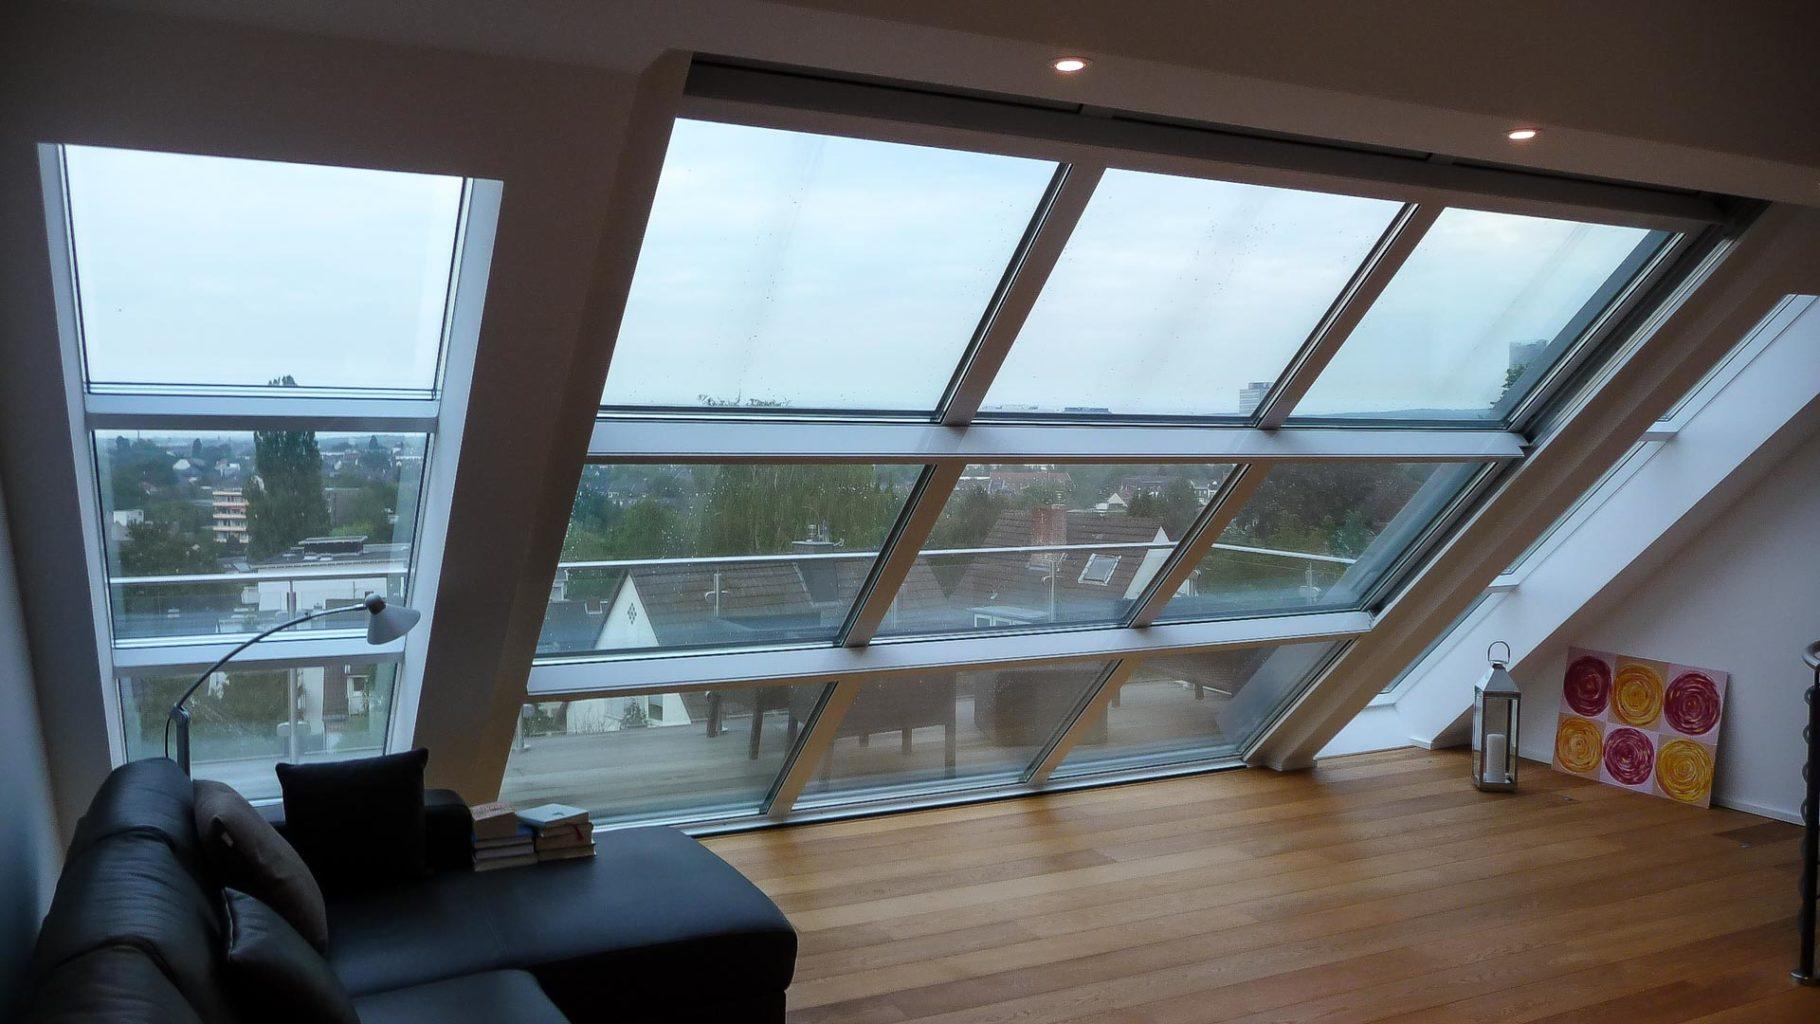 OpenAir Schiebedach in Bonn (Objekt 1074). Dachschiebefenster ermöglichen auch bei schlechtem Wetter einen grandiosen Ausblick. Herbst und Winter können im Warmen genossen werden und sobald die Sonne scheint, eröffnet sich eine Dachterrasse.